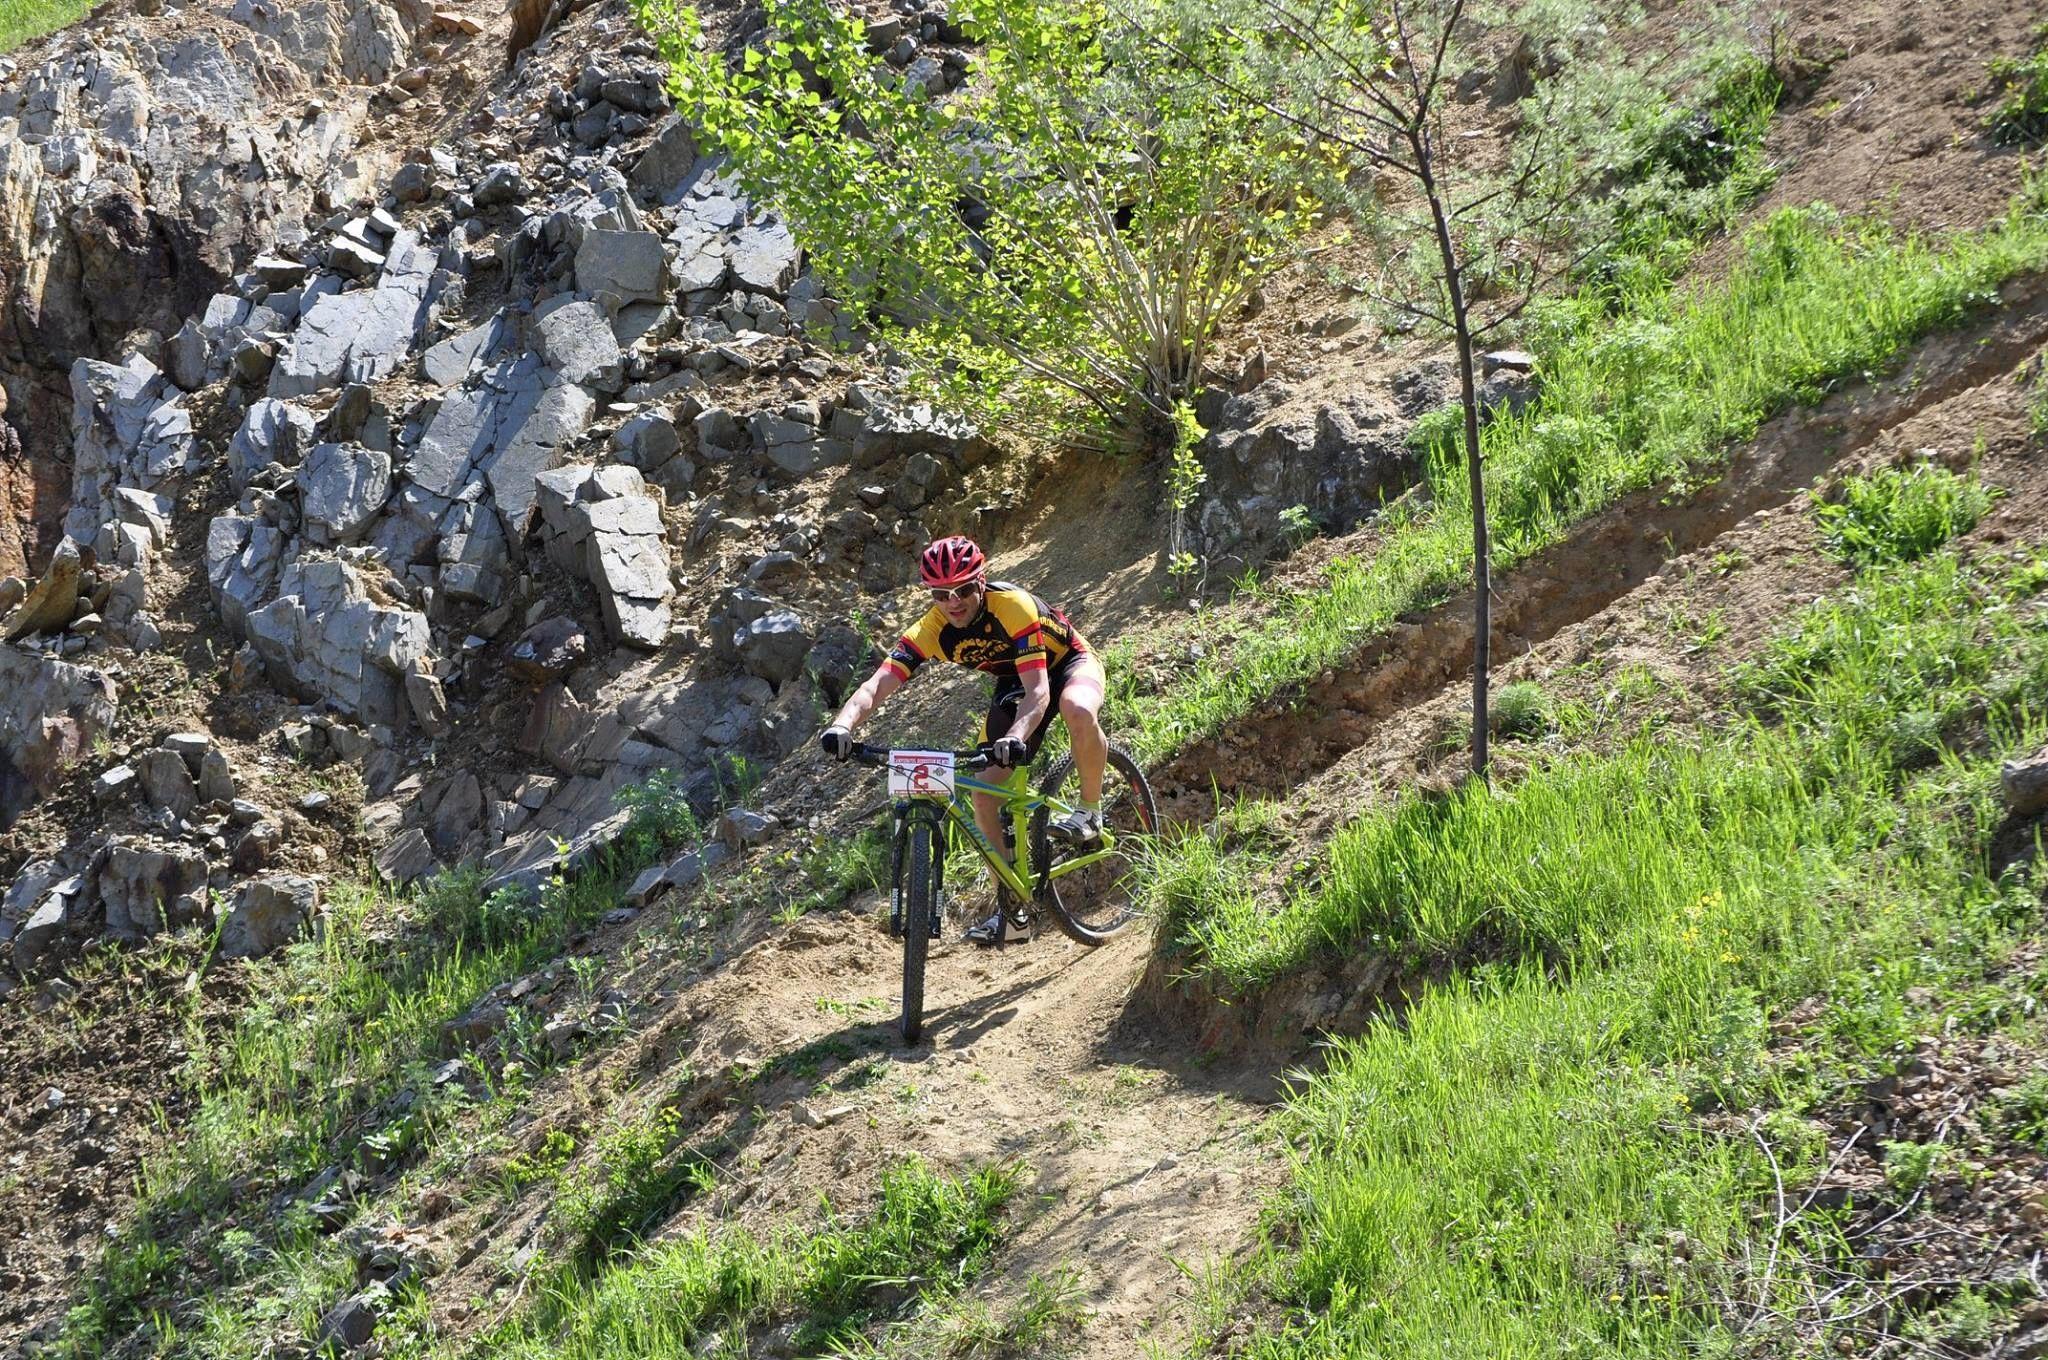 Radu Bontas, cu siguranta, cel mai tehnic rider din competitie